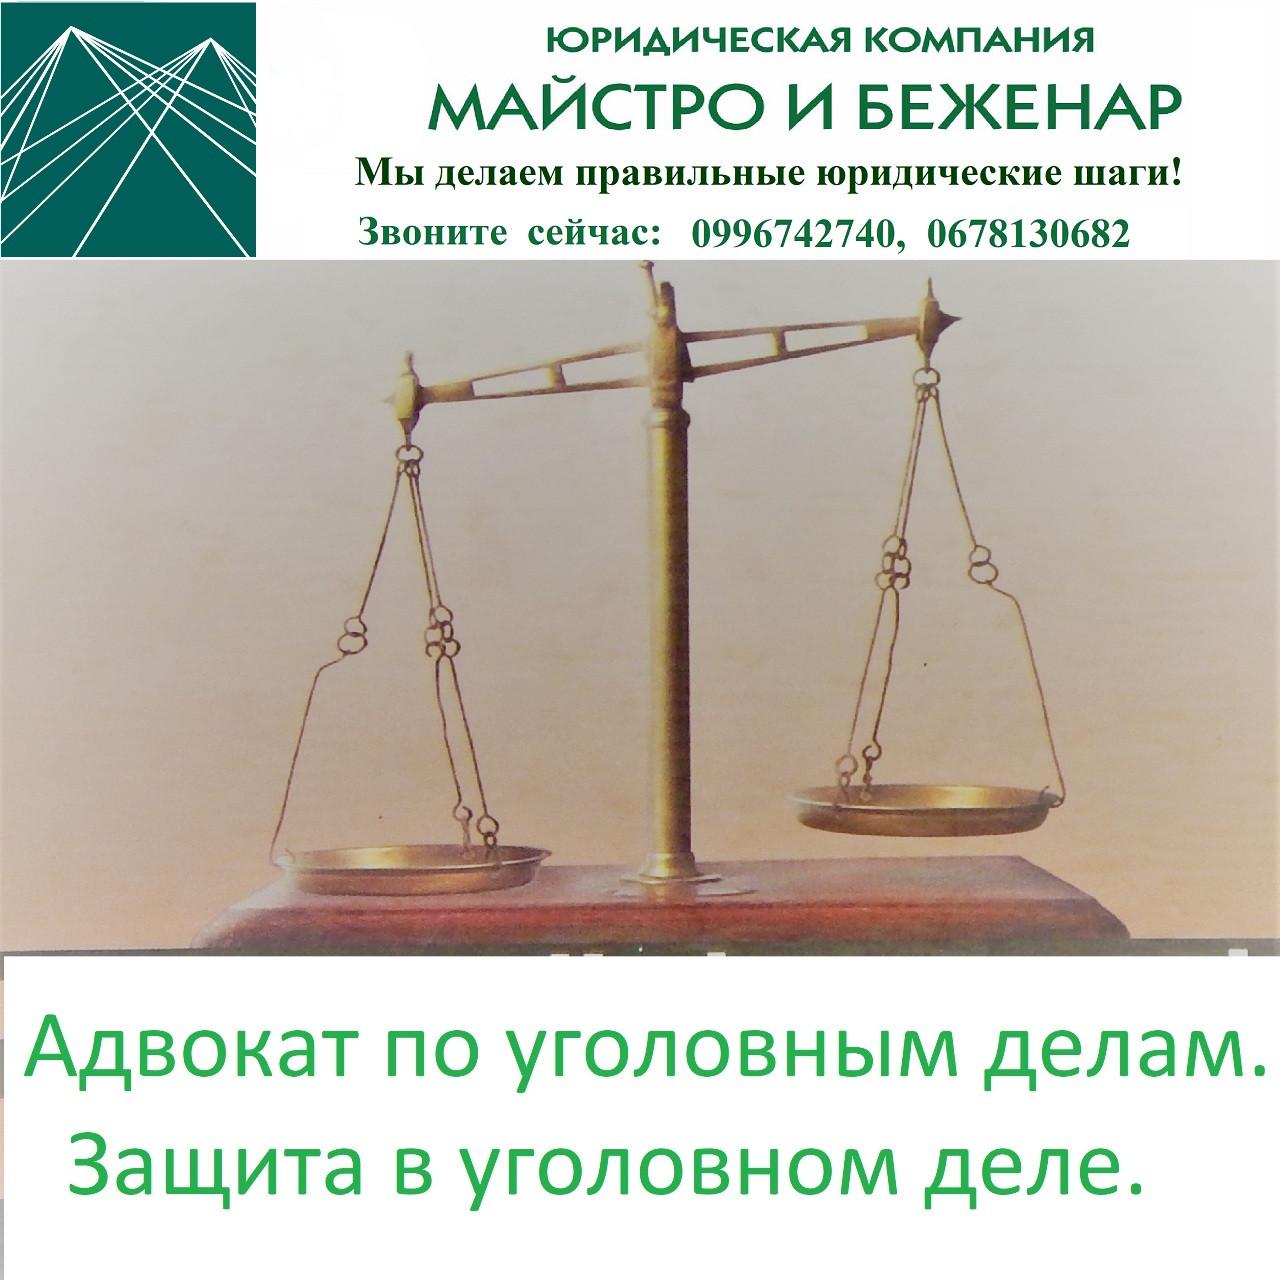 Вопросы юристу по уголовным делам